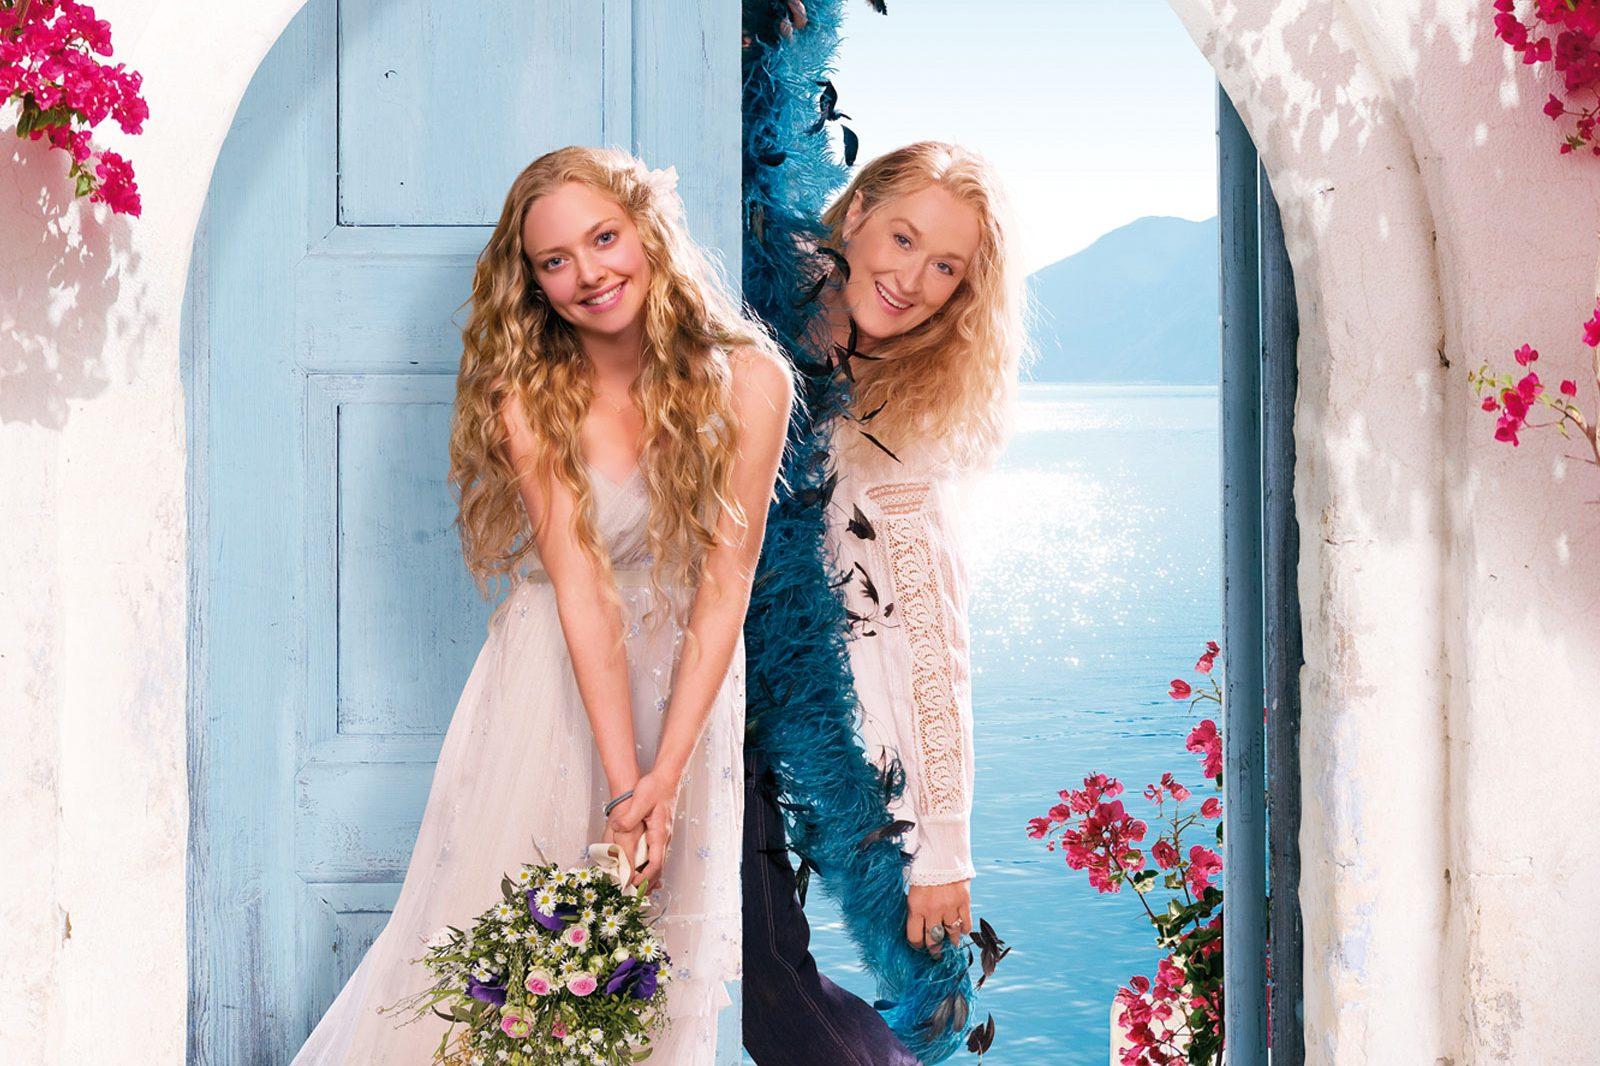 15. Mamma Mia! (2008)